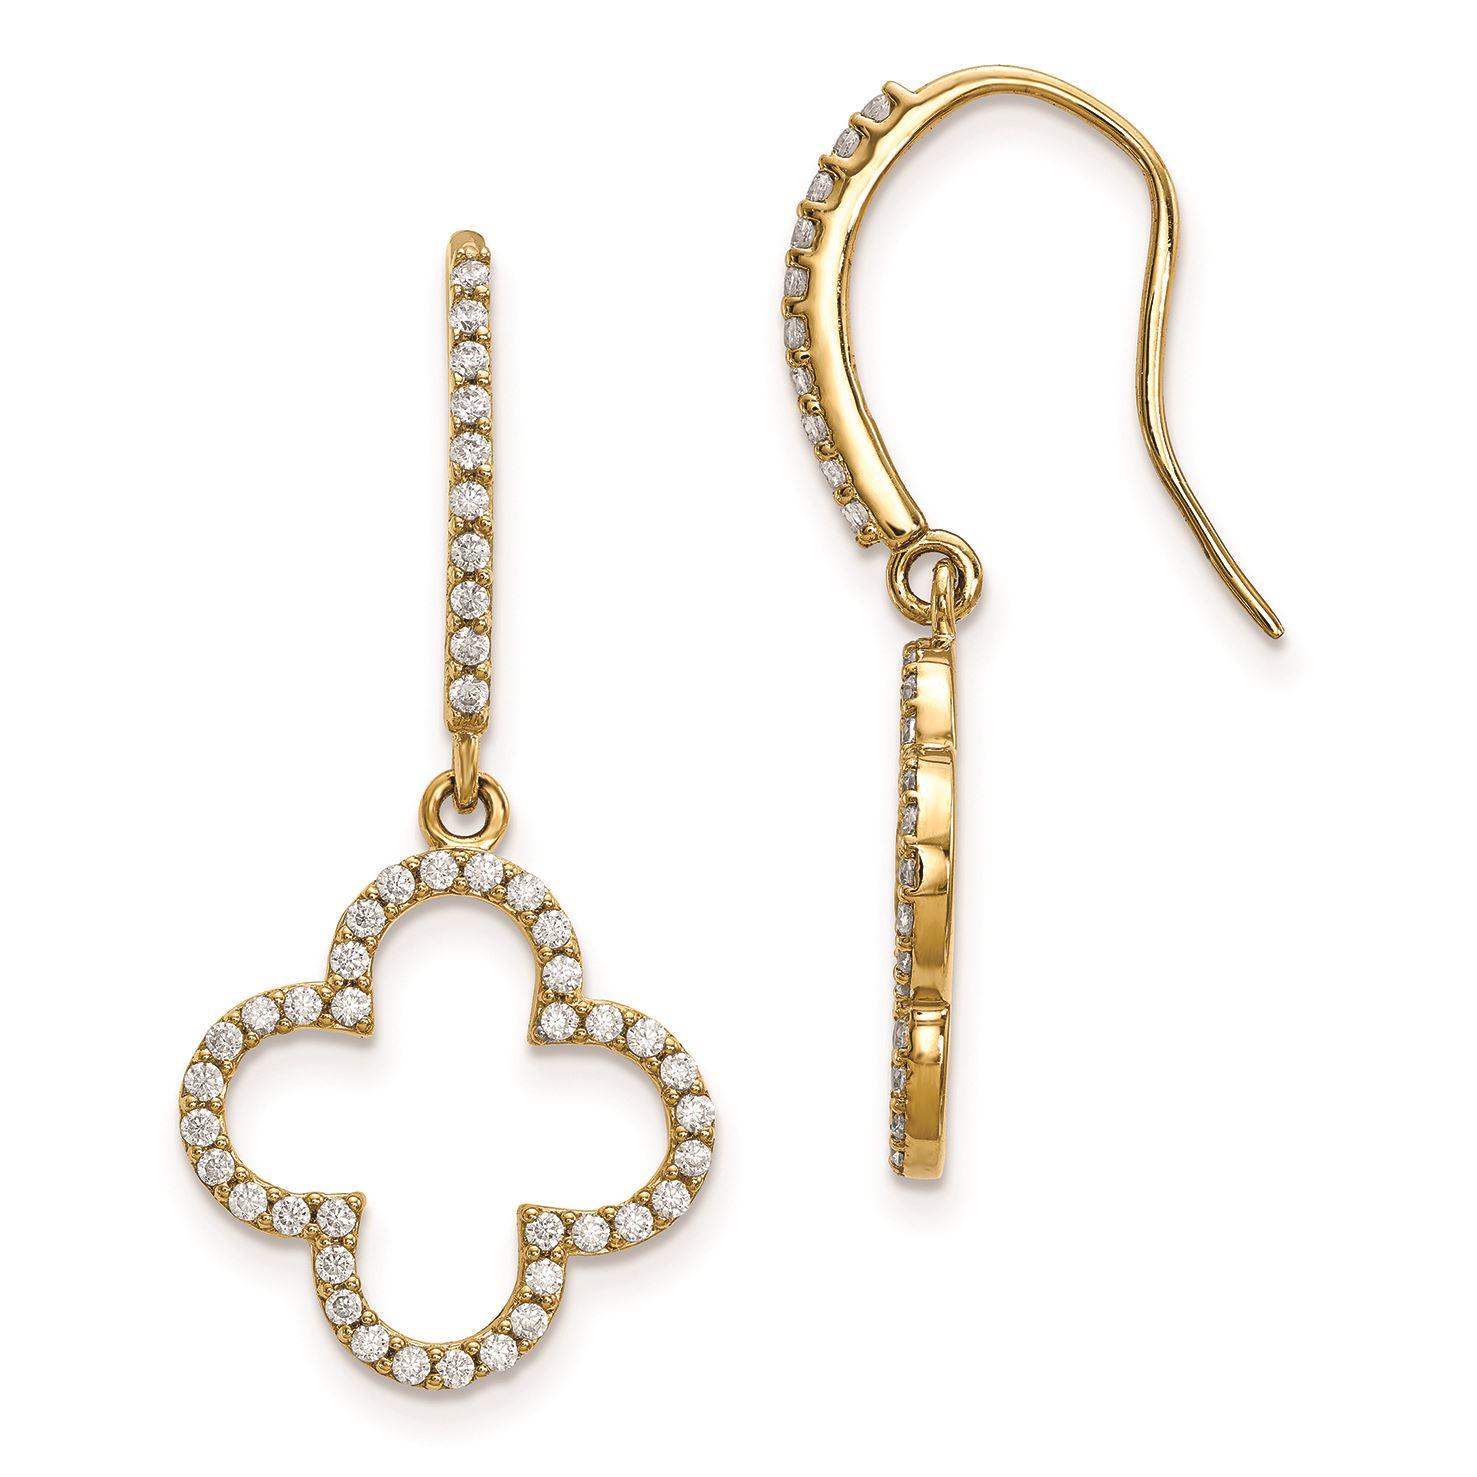 ac84878ca15ca5 Details about 14K Yellow Gold Diamond Quatrefoil Design Dangle Earrings,  (0.64 CTW)